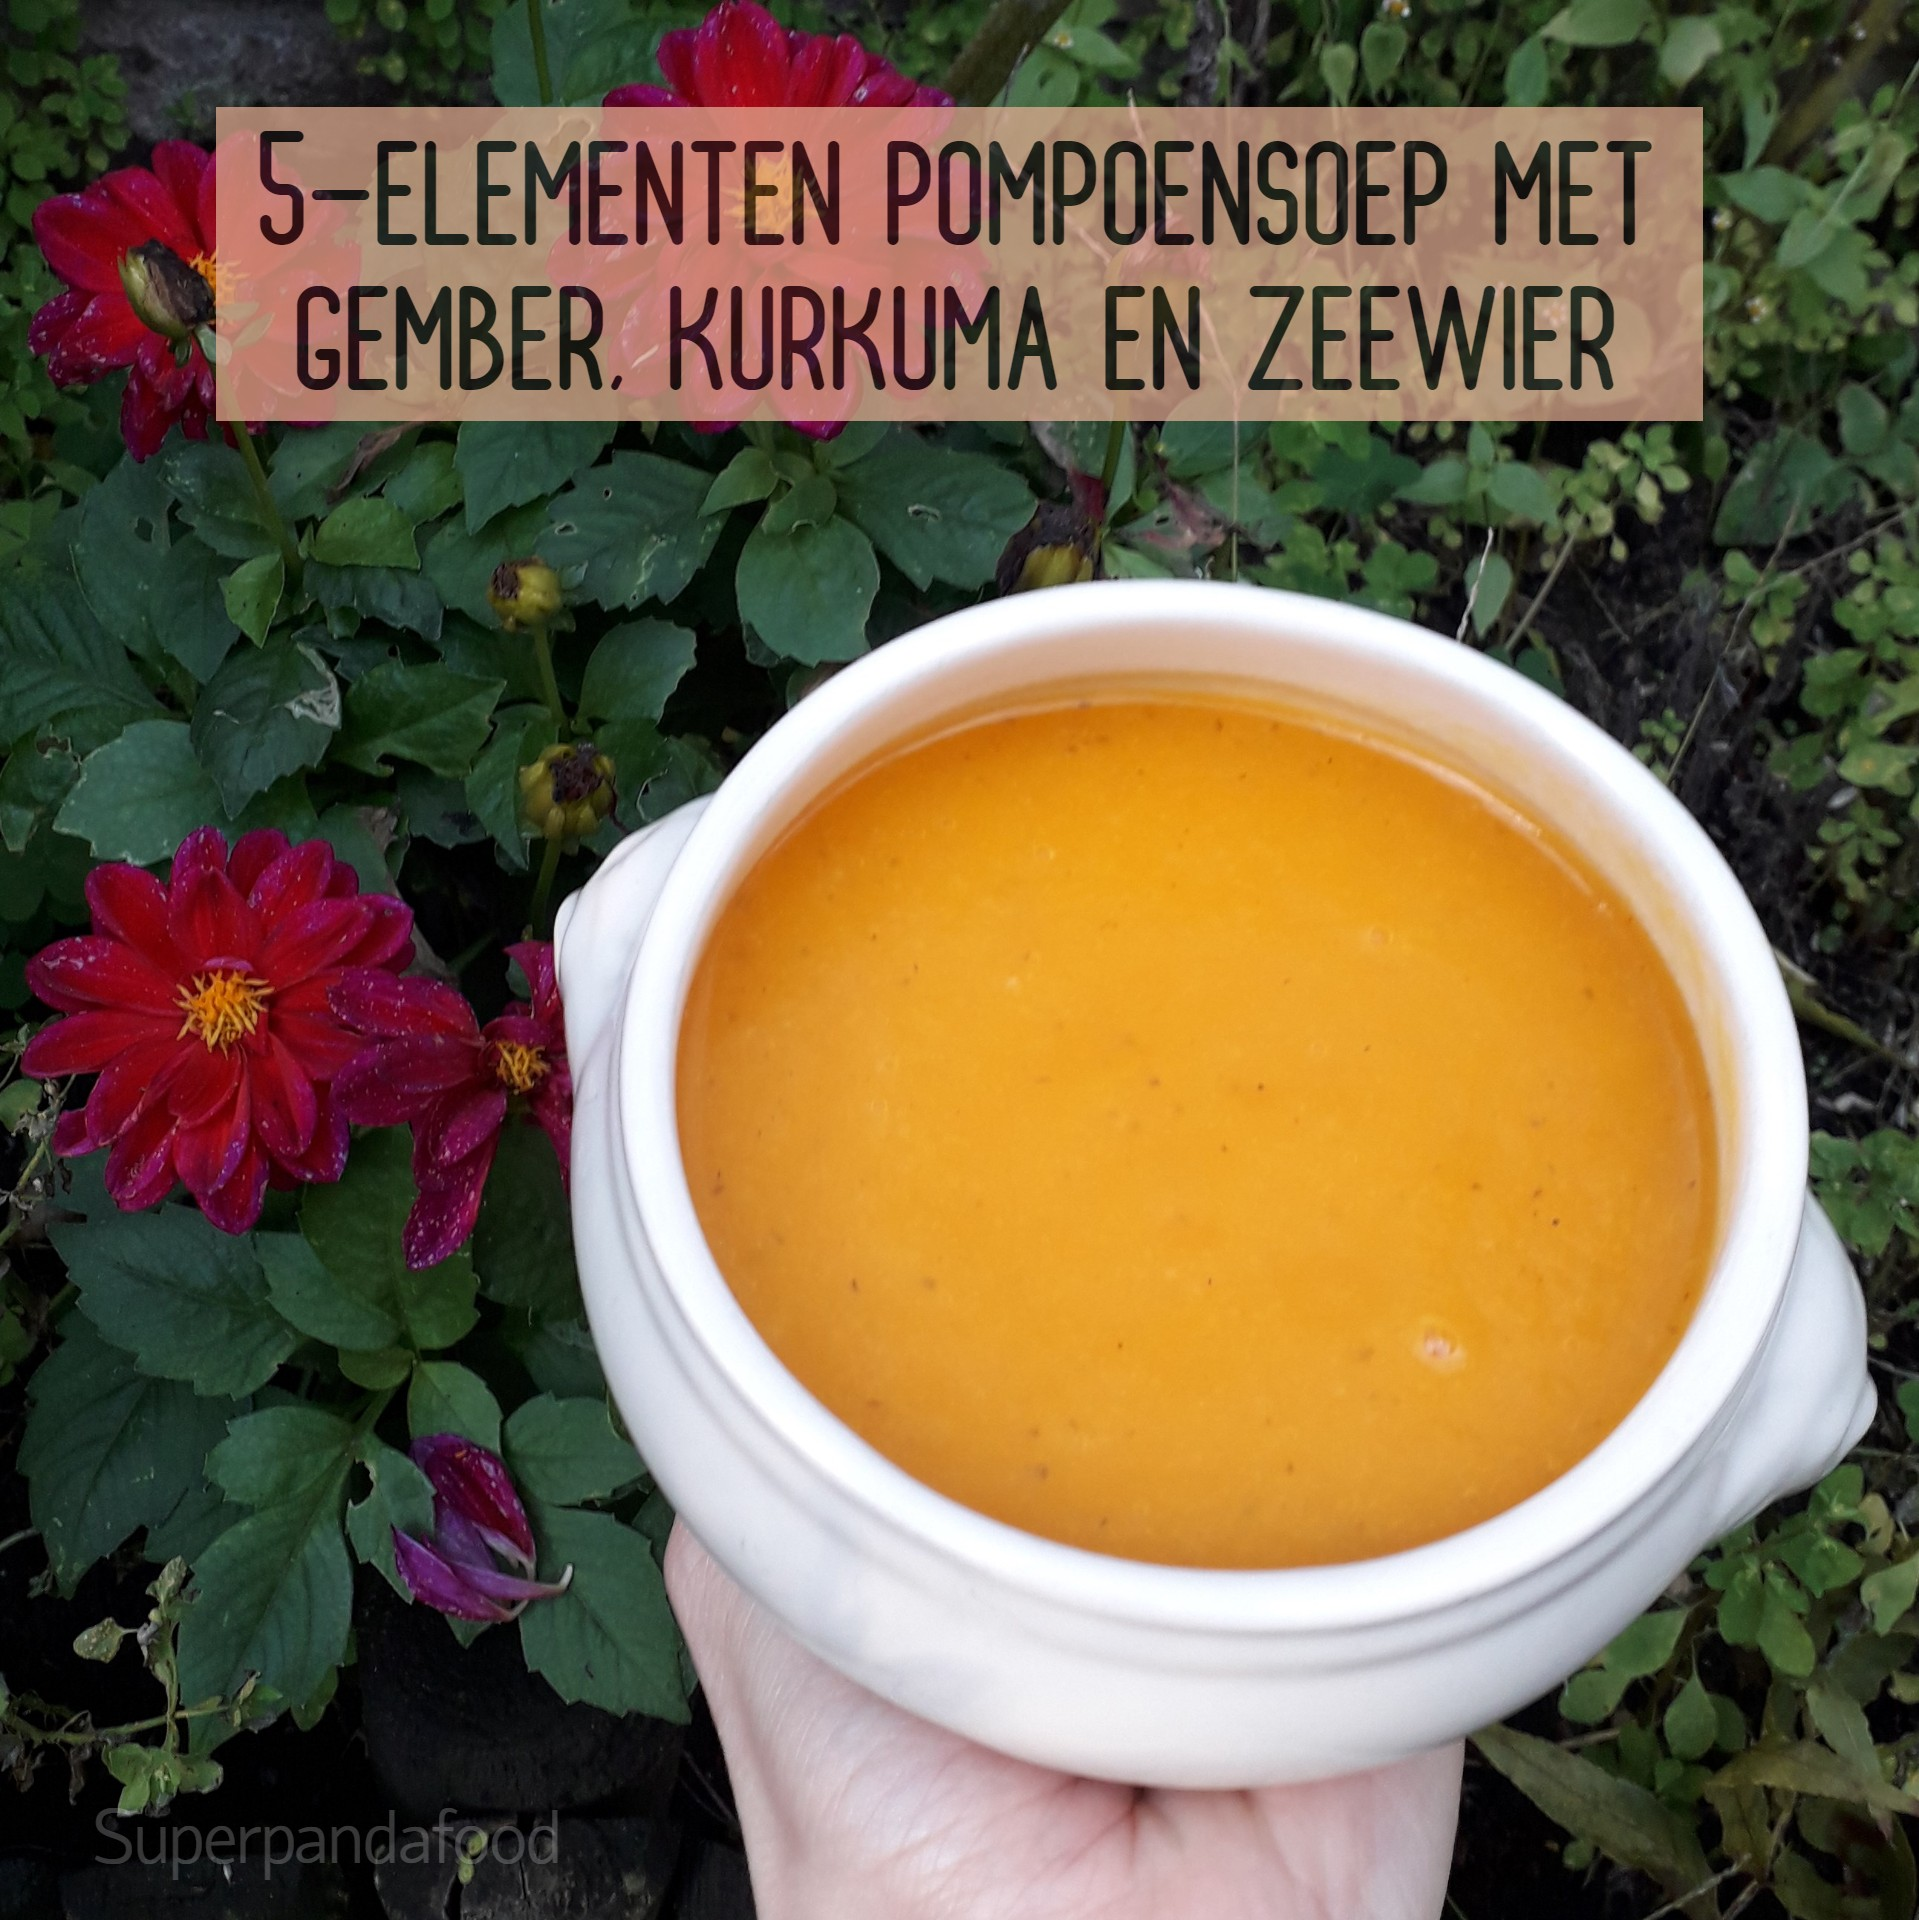 5-elementen pompoensoep met gember, kurkuma en zeewier - Vegan, glutenvrij en lactosevrij